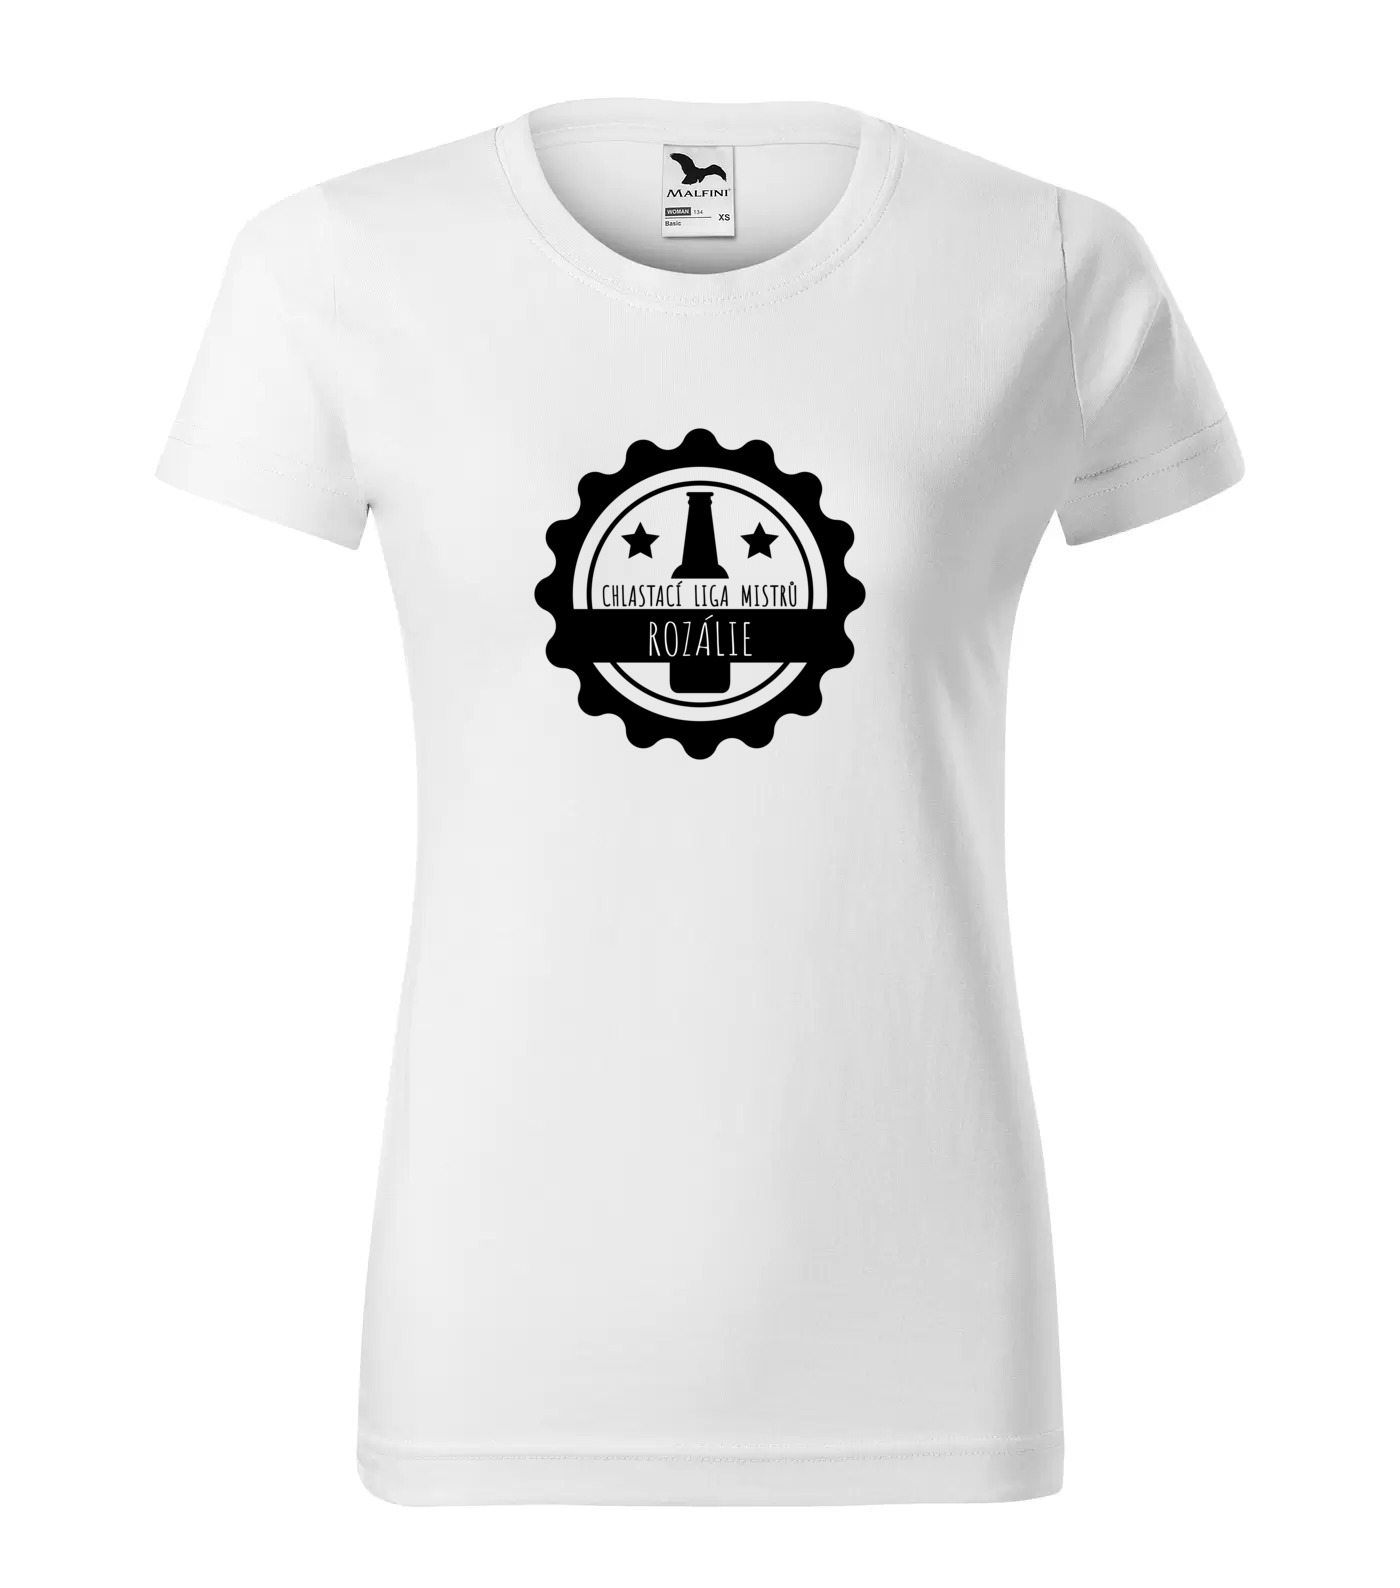 Tričko Chlastací liga žen Rozálie